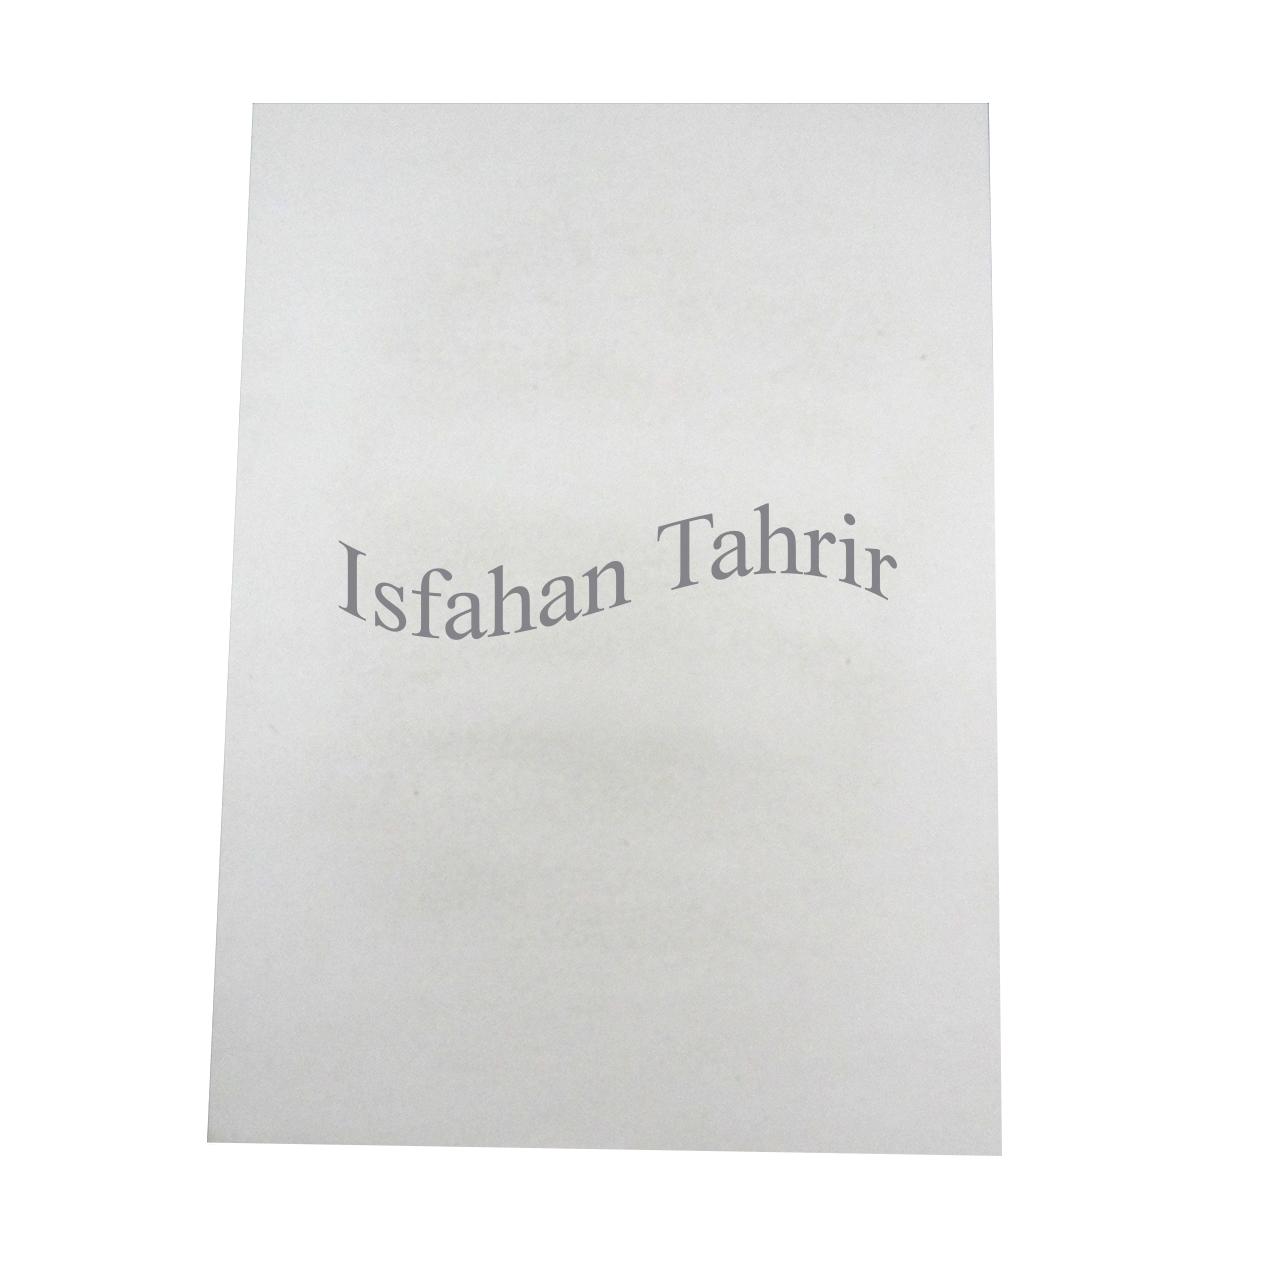 کاغذ A3 پوستی